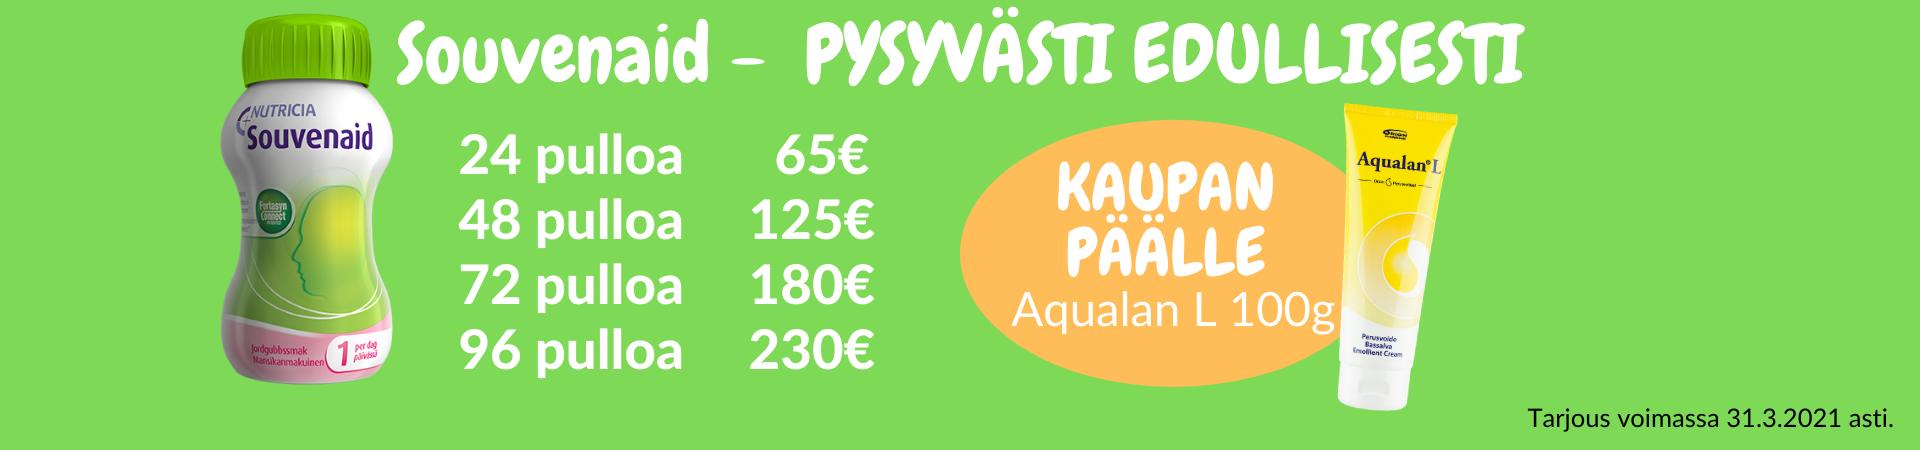 Souvenaid - pysyvästi edullinen hinta. Kaupan päälle Aqualan L 100g!